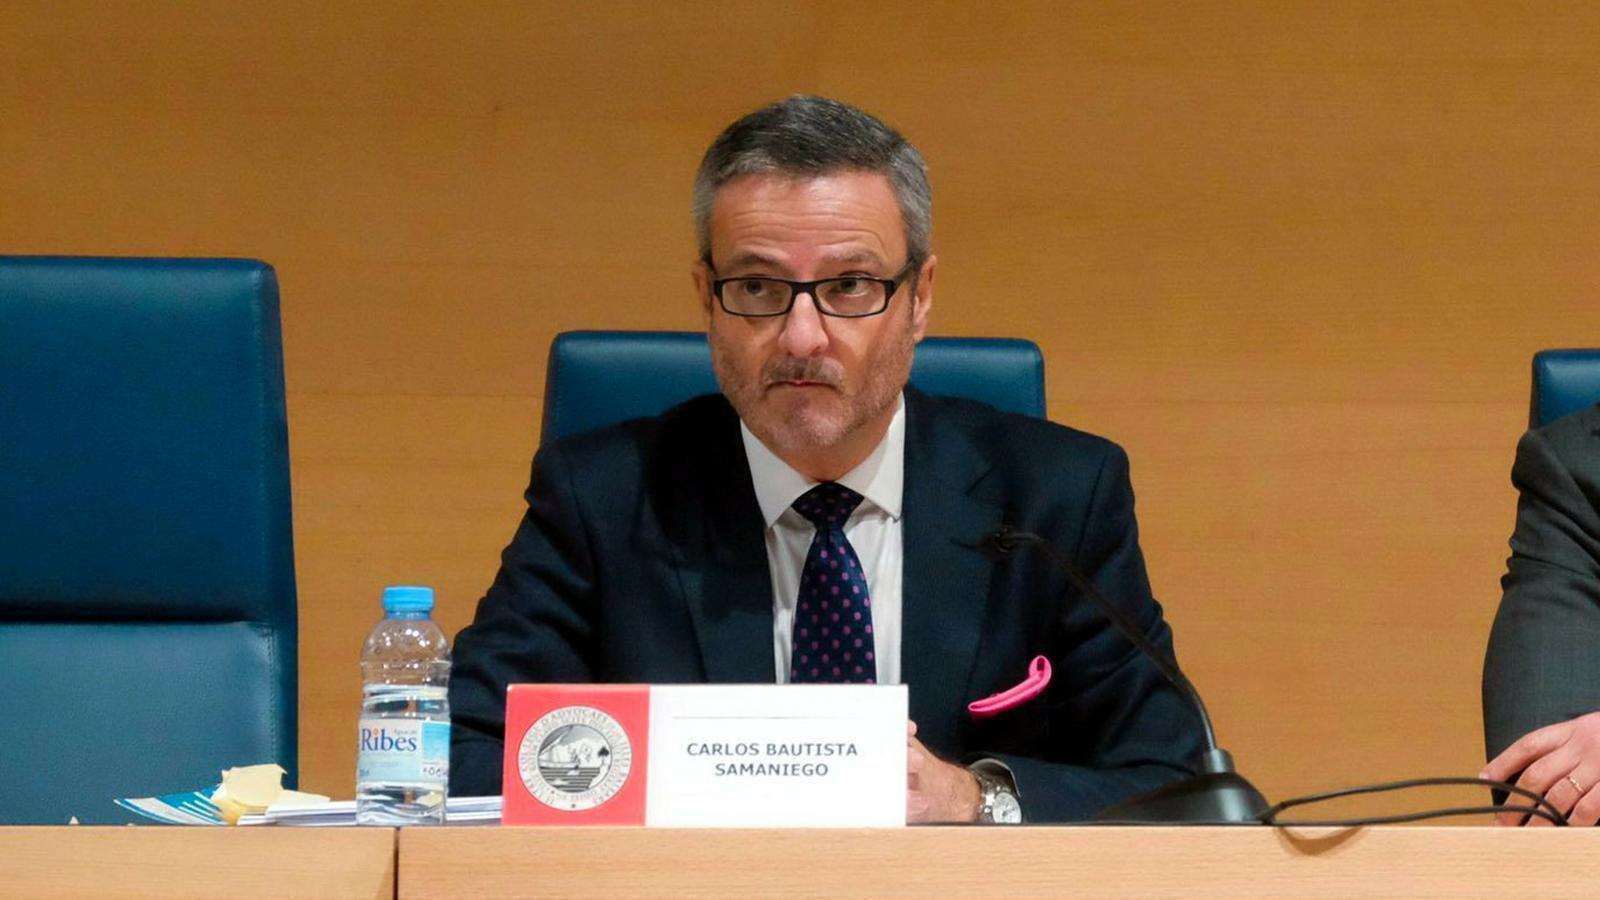 El fiscal Bautista nega cap vinculació amb el cas d'espionatge a Puigdemont